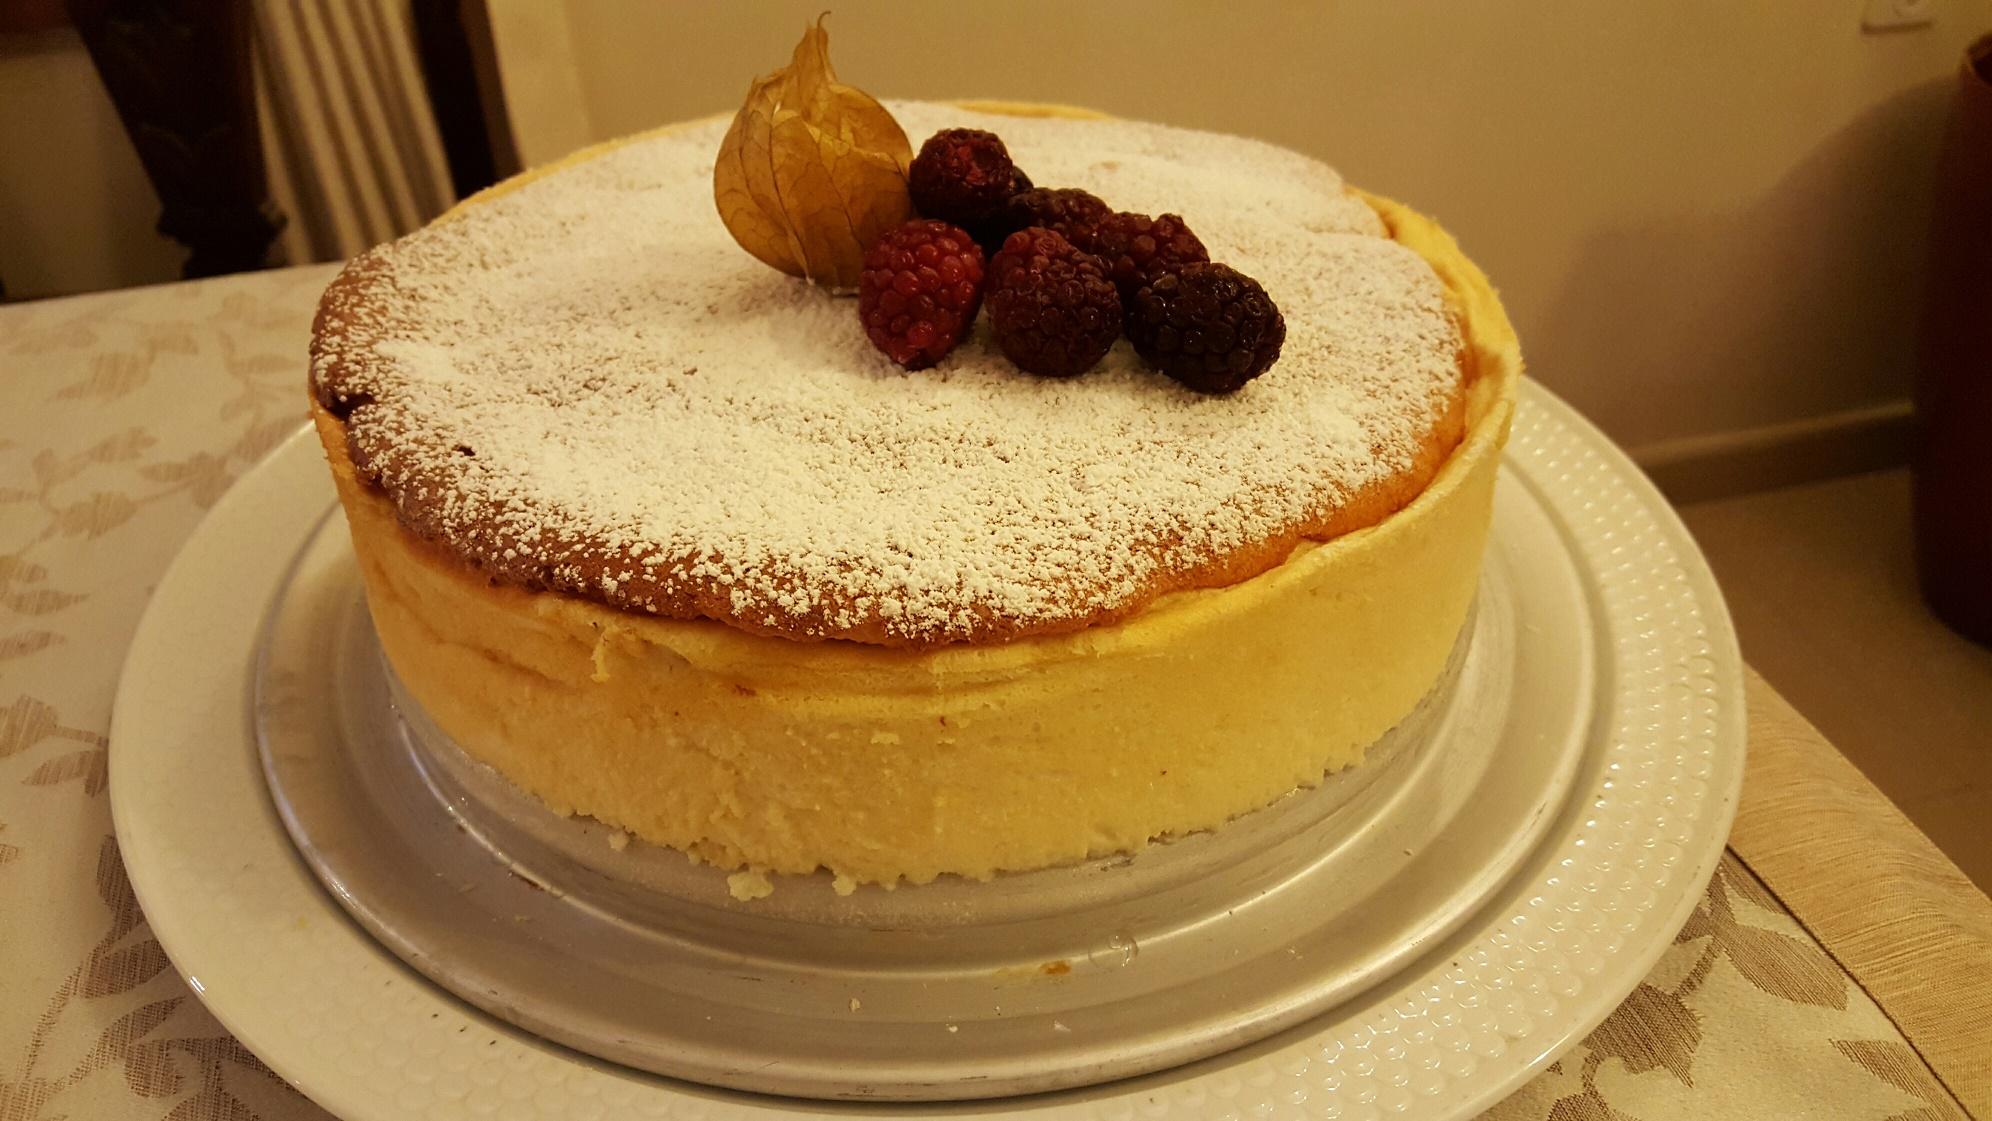 Dietetic Cake Recipes